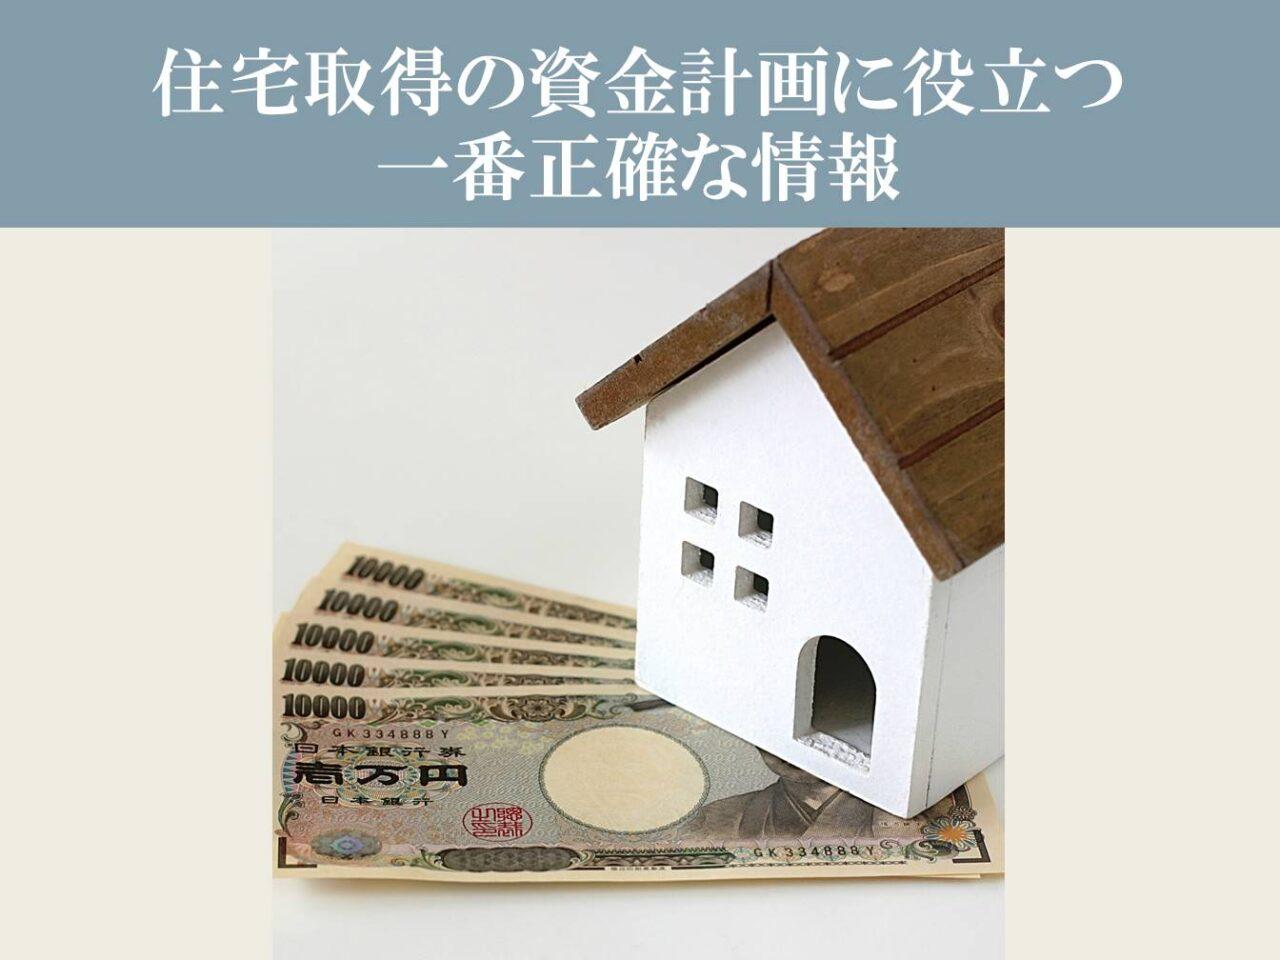 住宅取得の資金計画に役立つ一番正確な情報